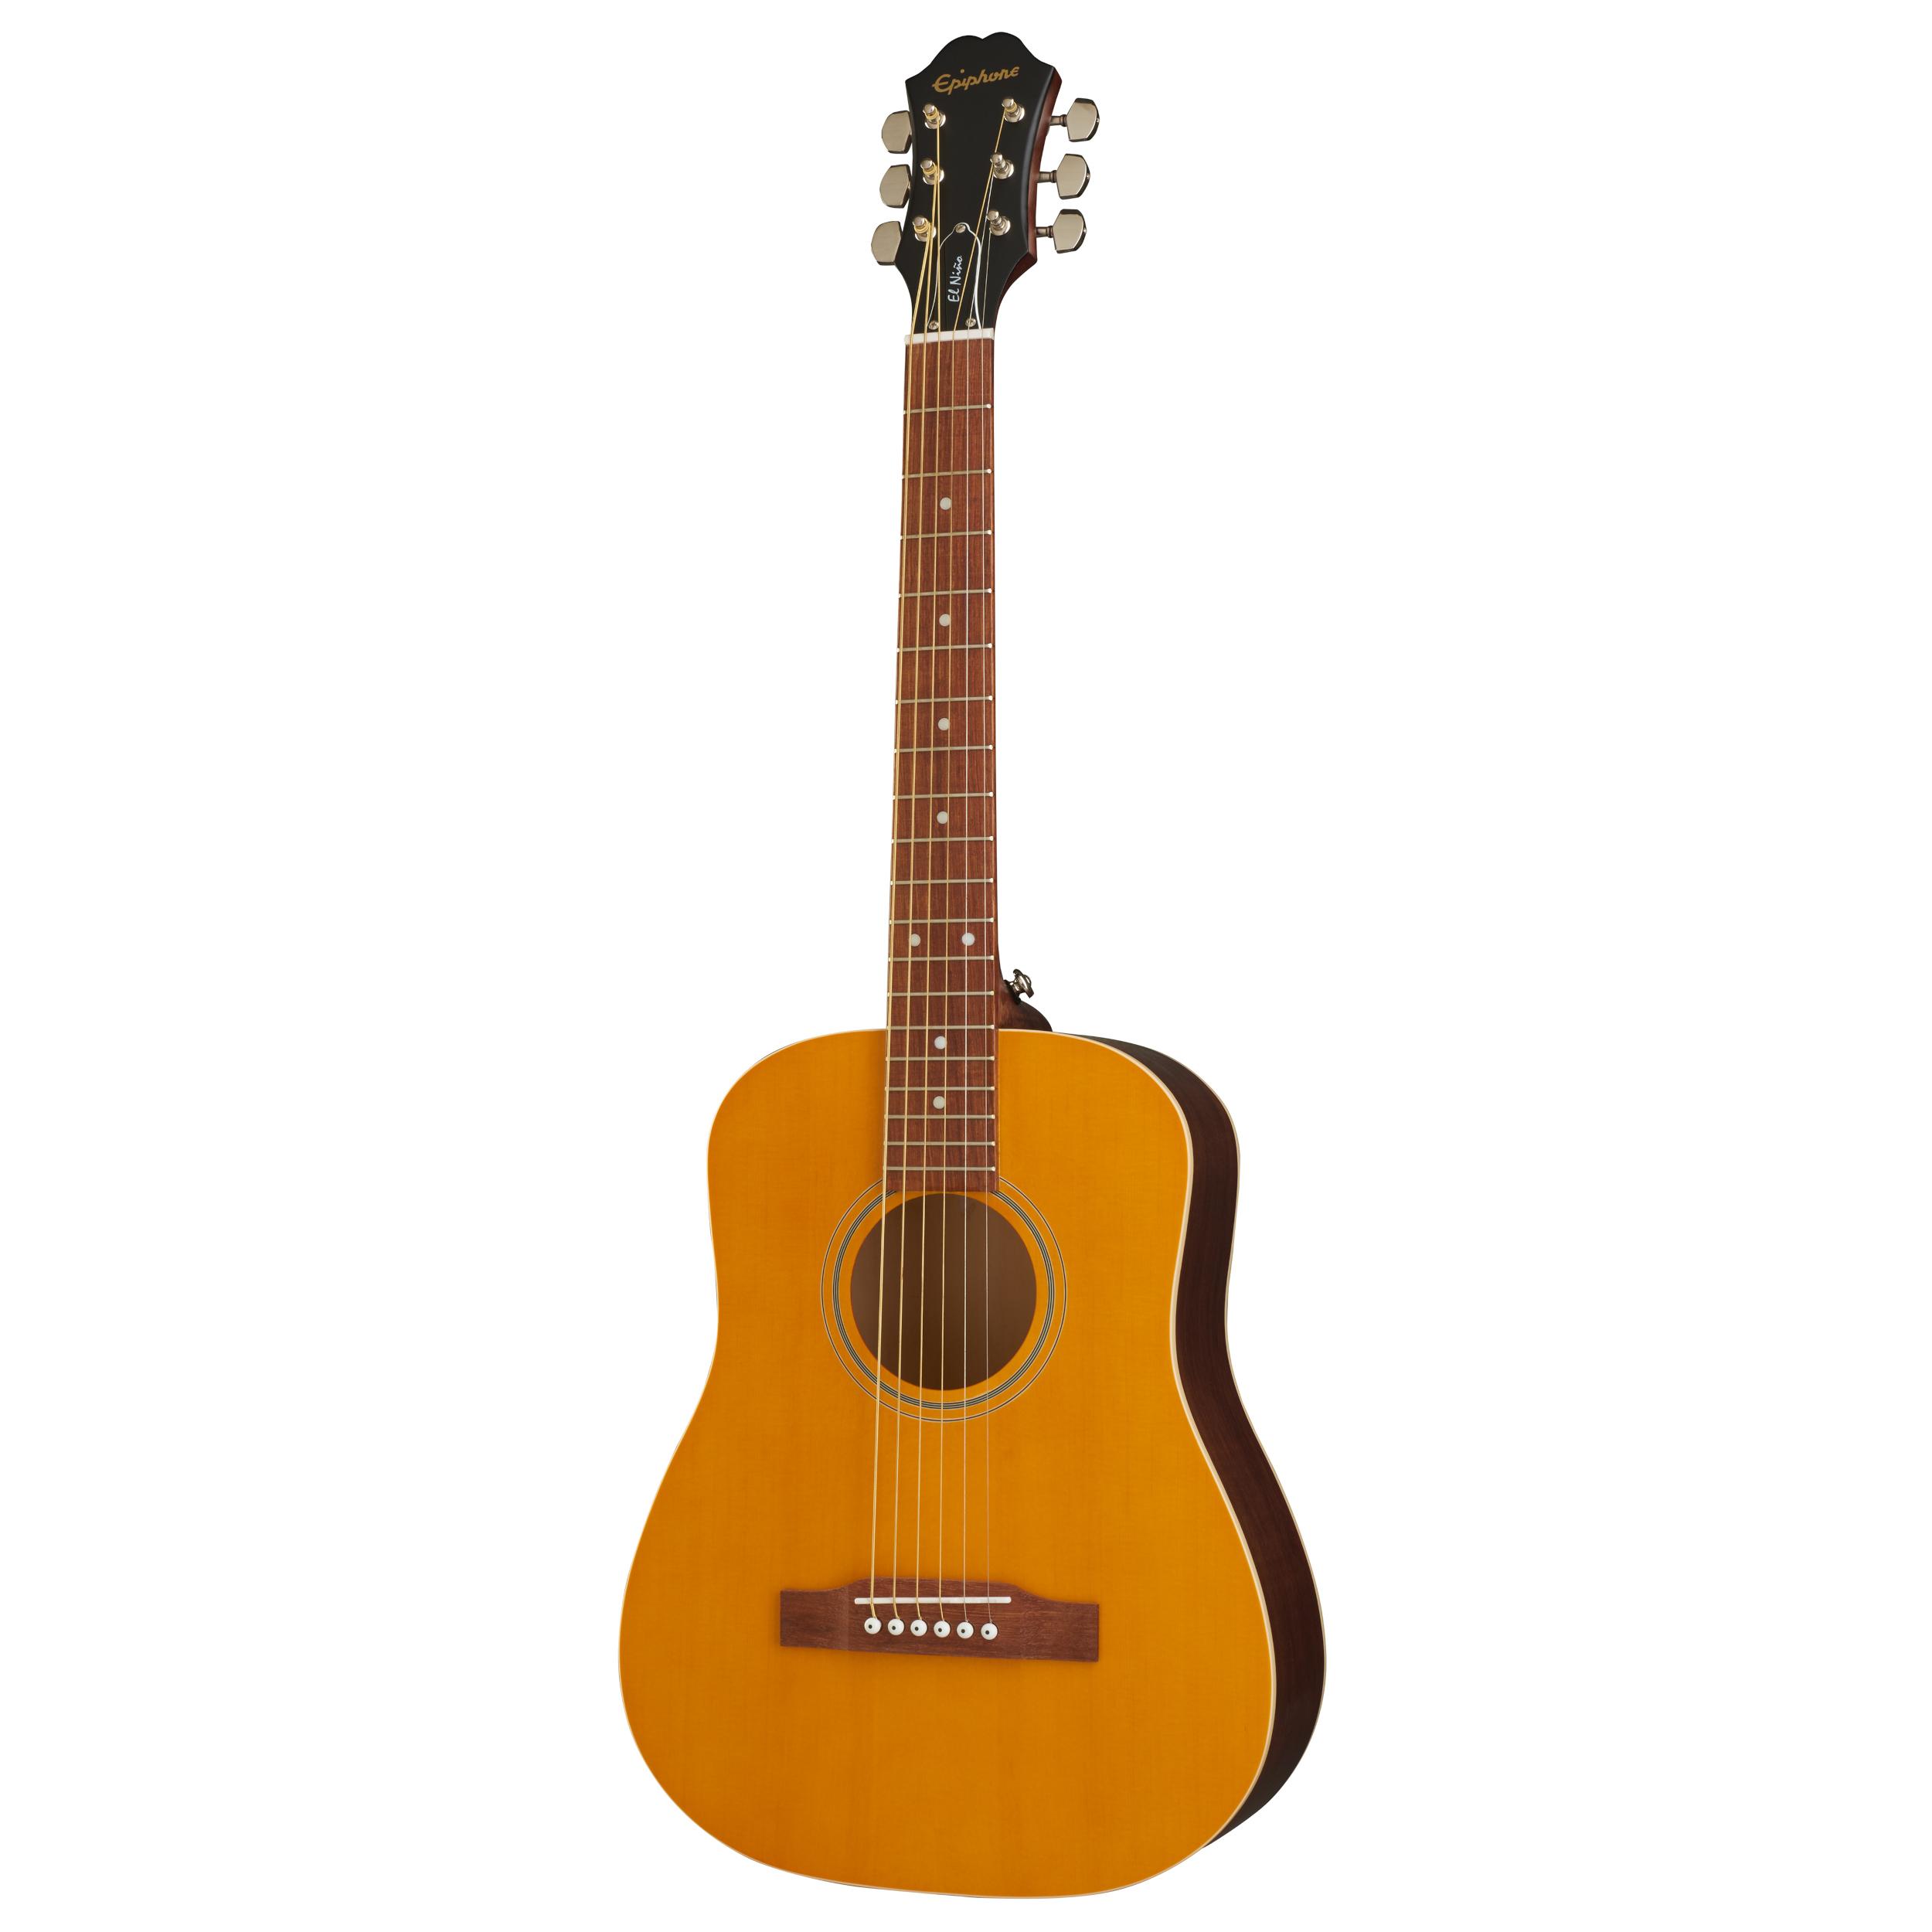 Epiphone El Nino Travel Acoustic - Natural Guitar